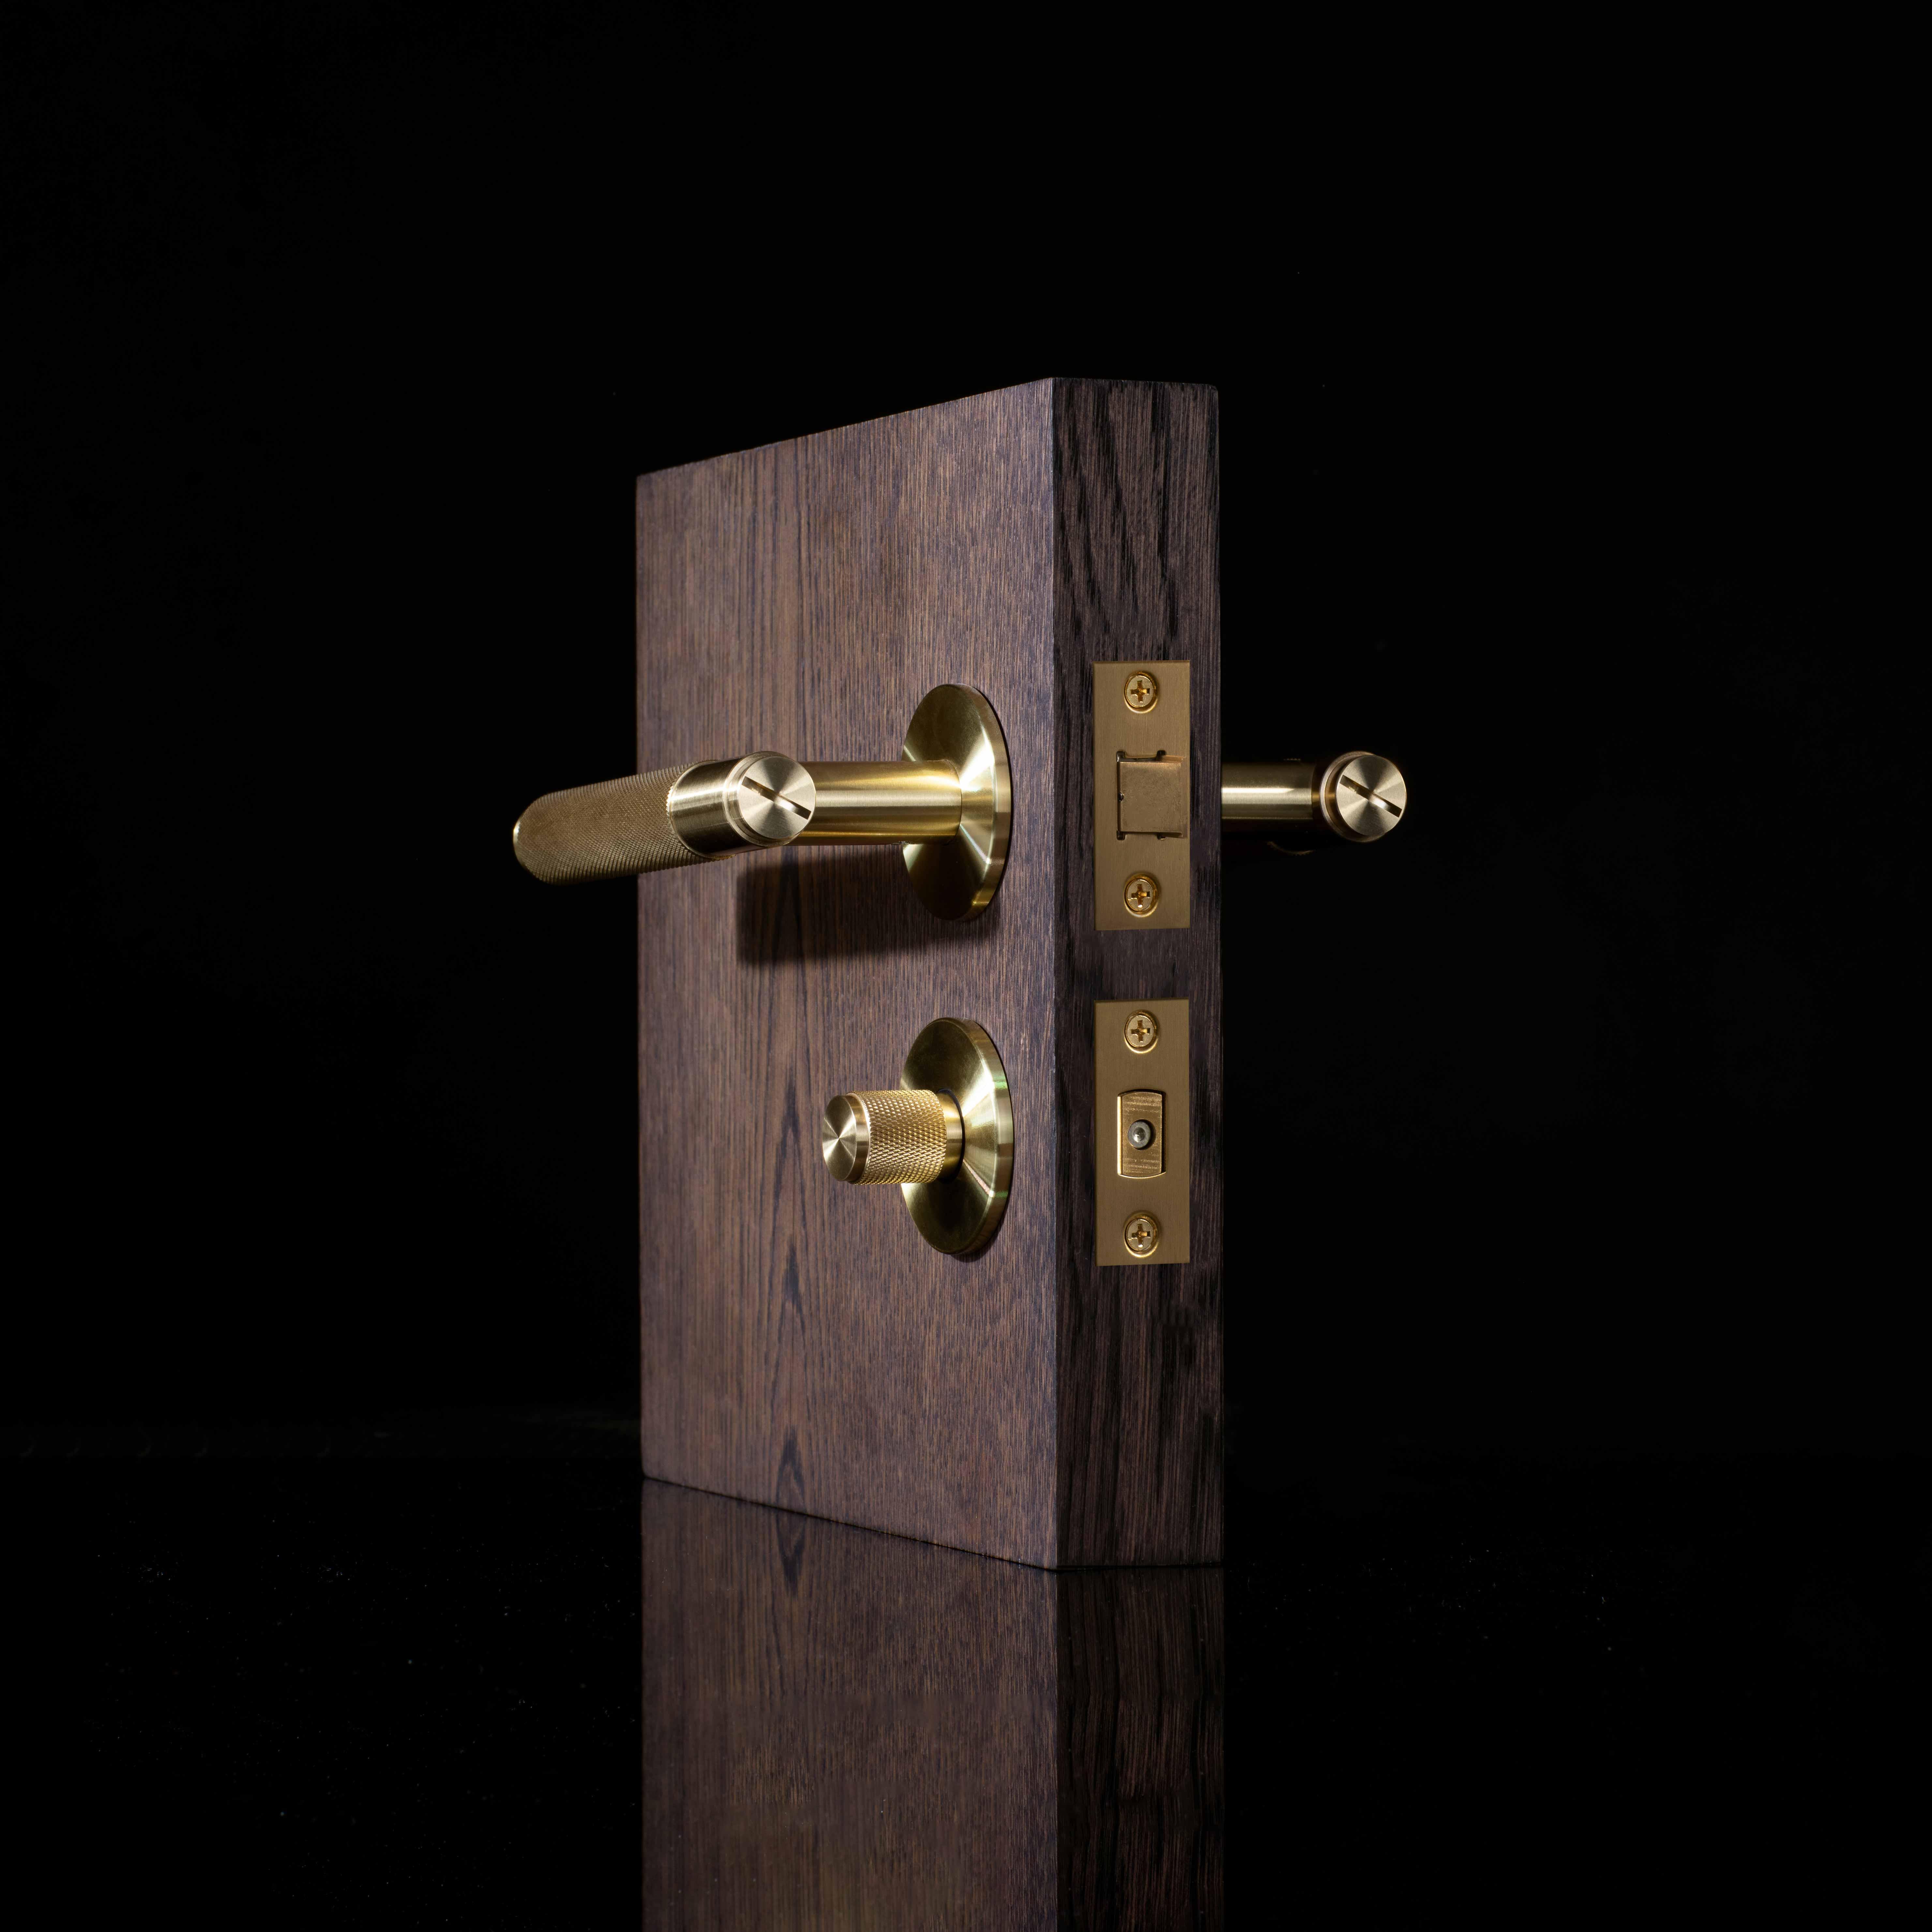 B+P_Door_Latch_Hardware_square